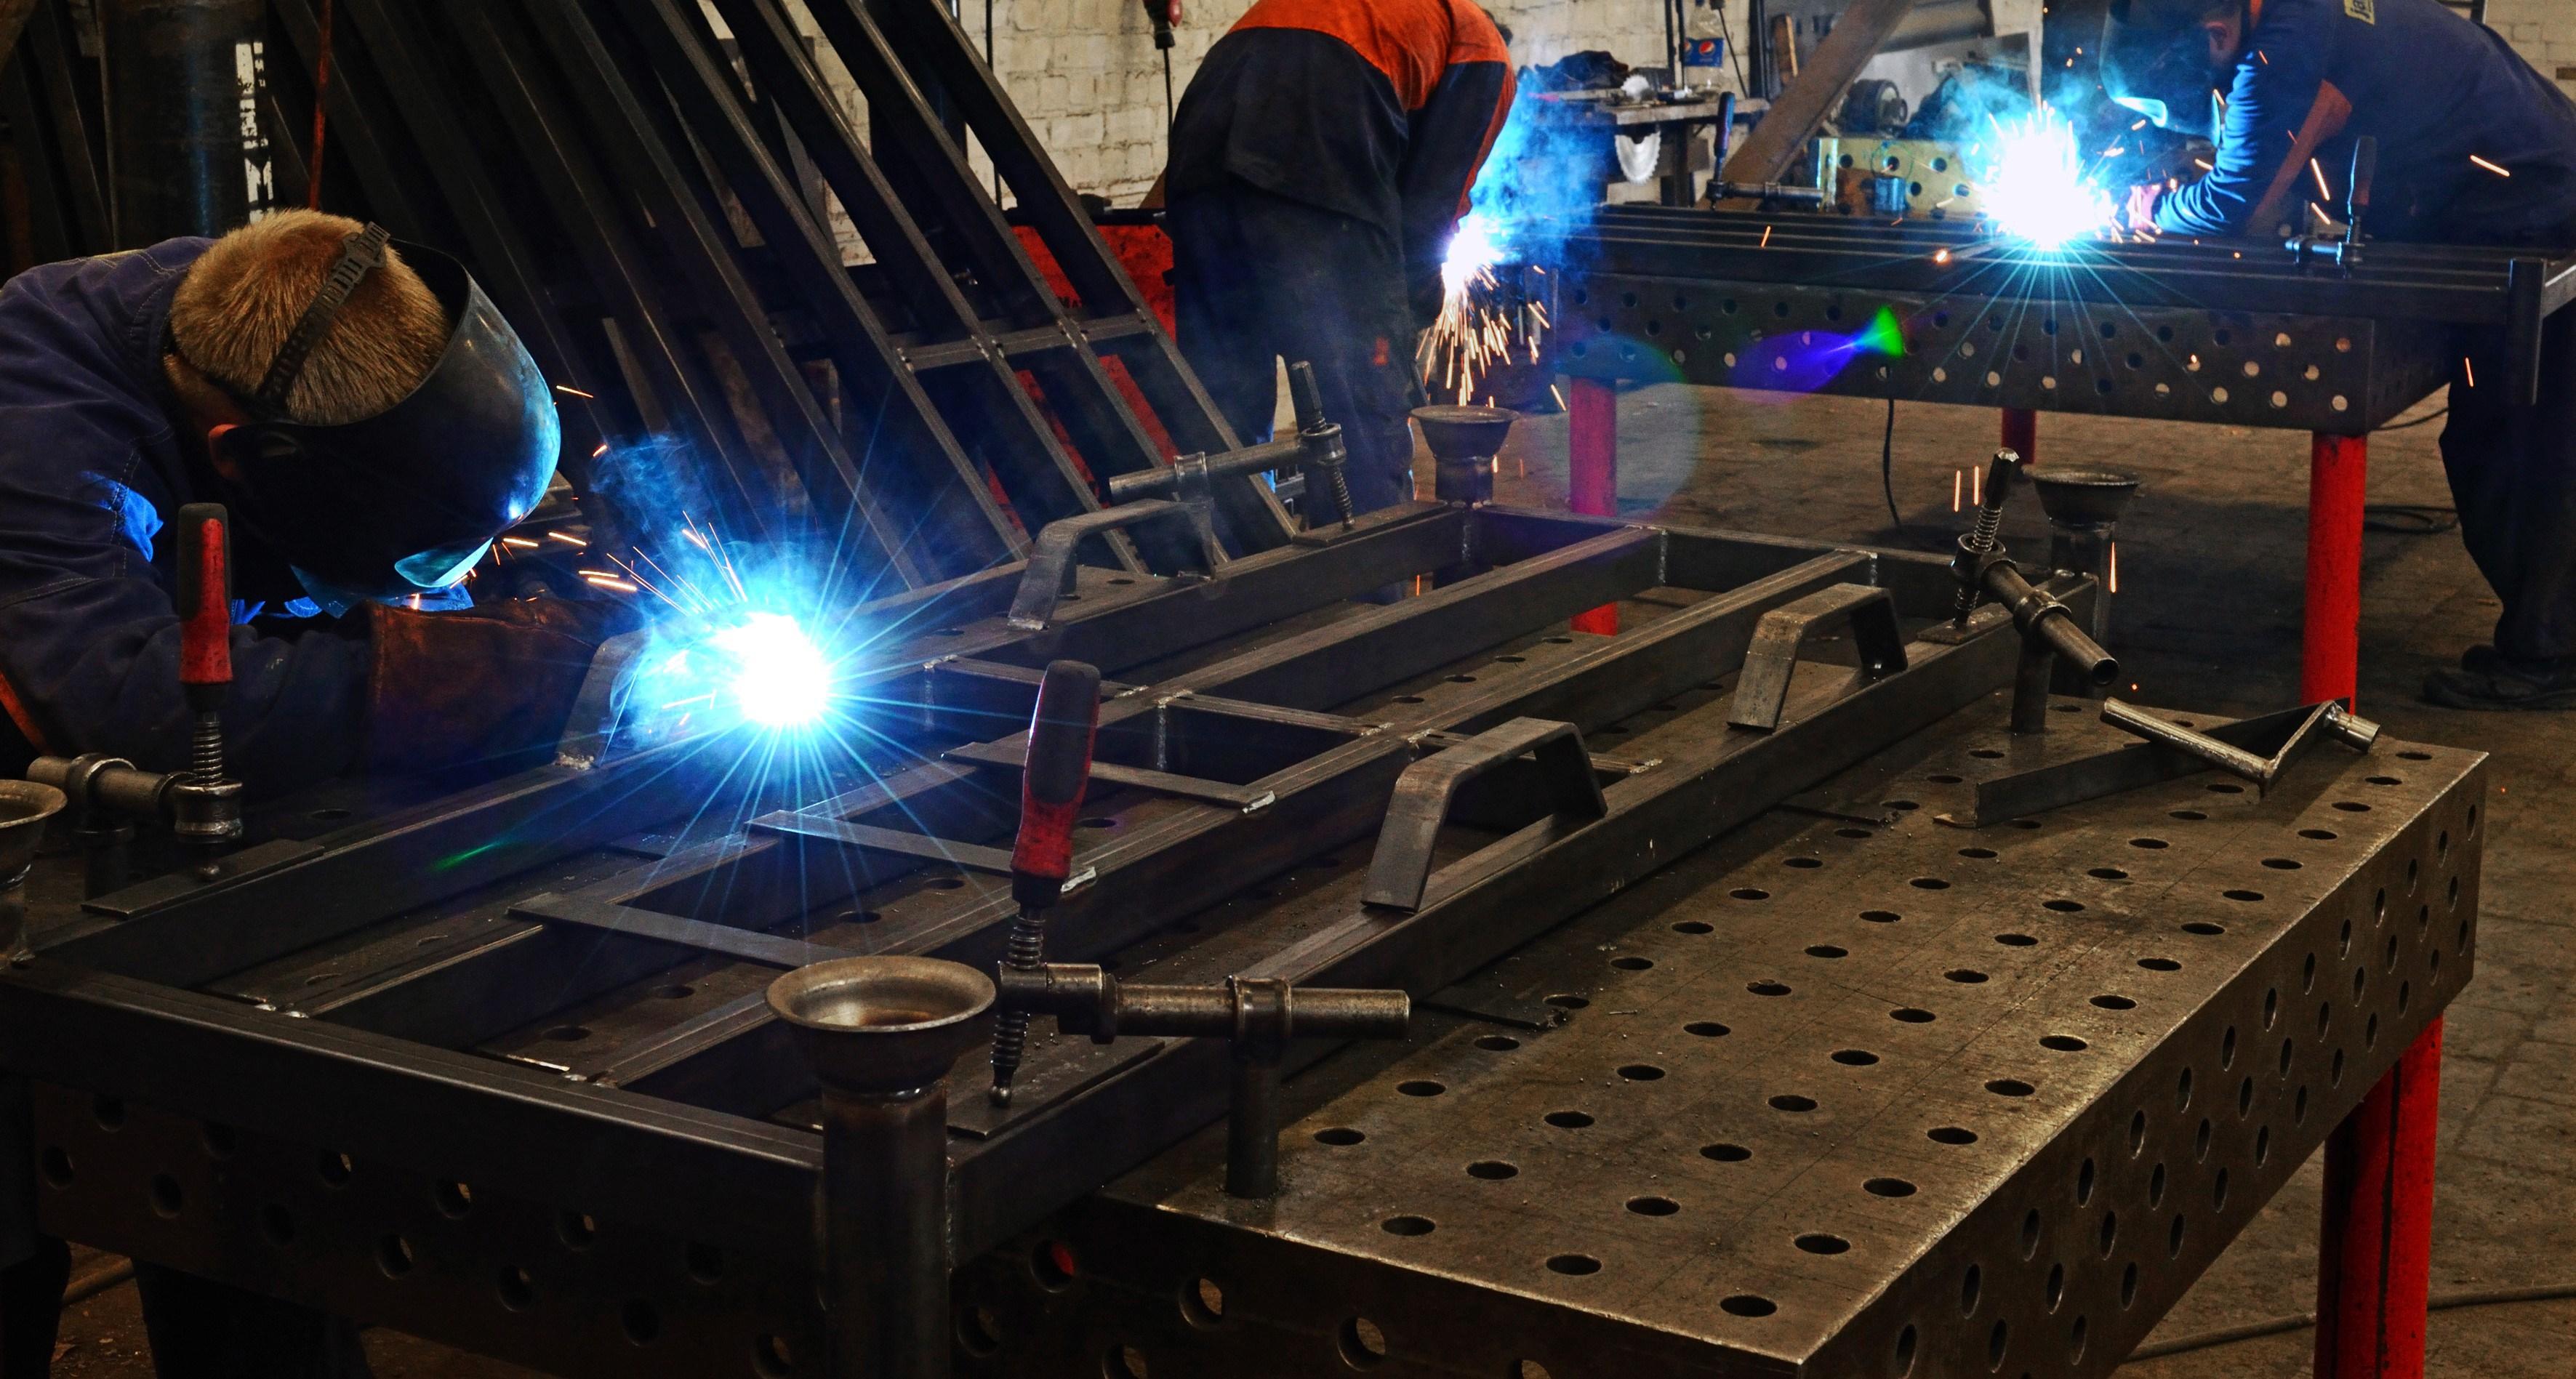 Metalo gaminiai namuose: kada rinktis ir kaip prižiūrėti?